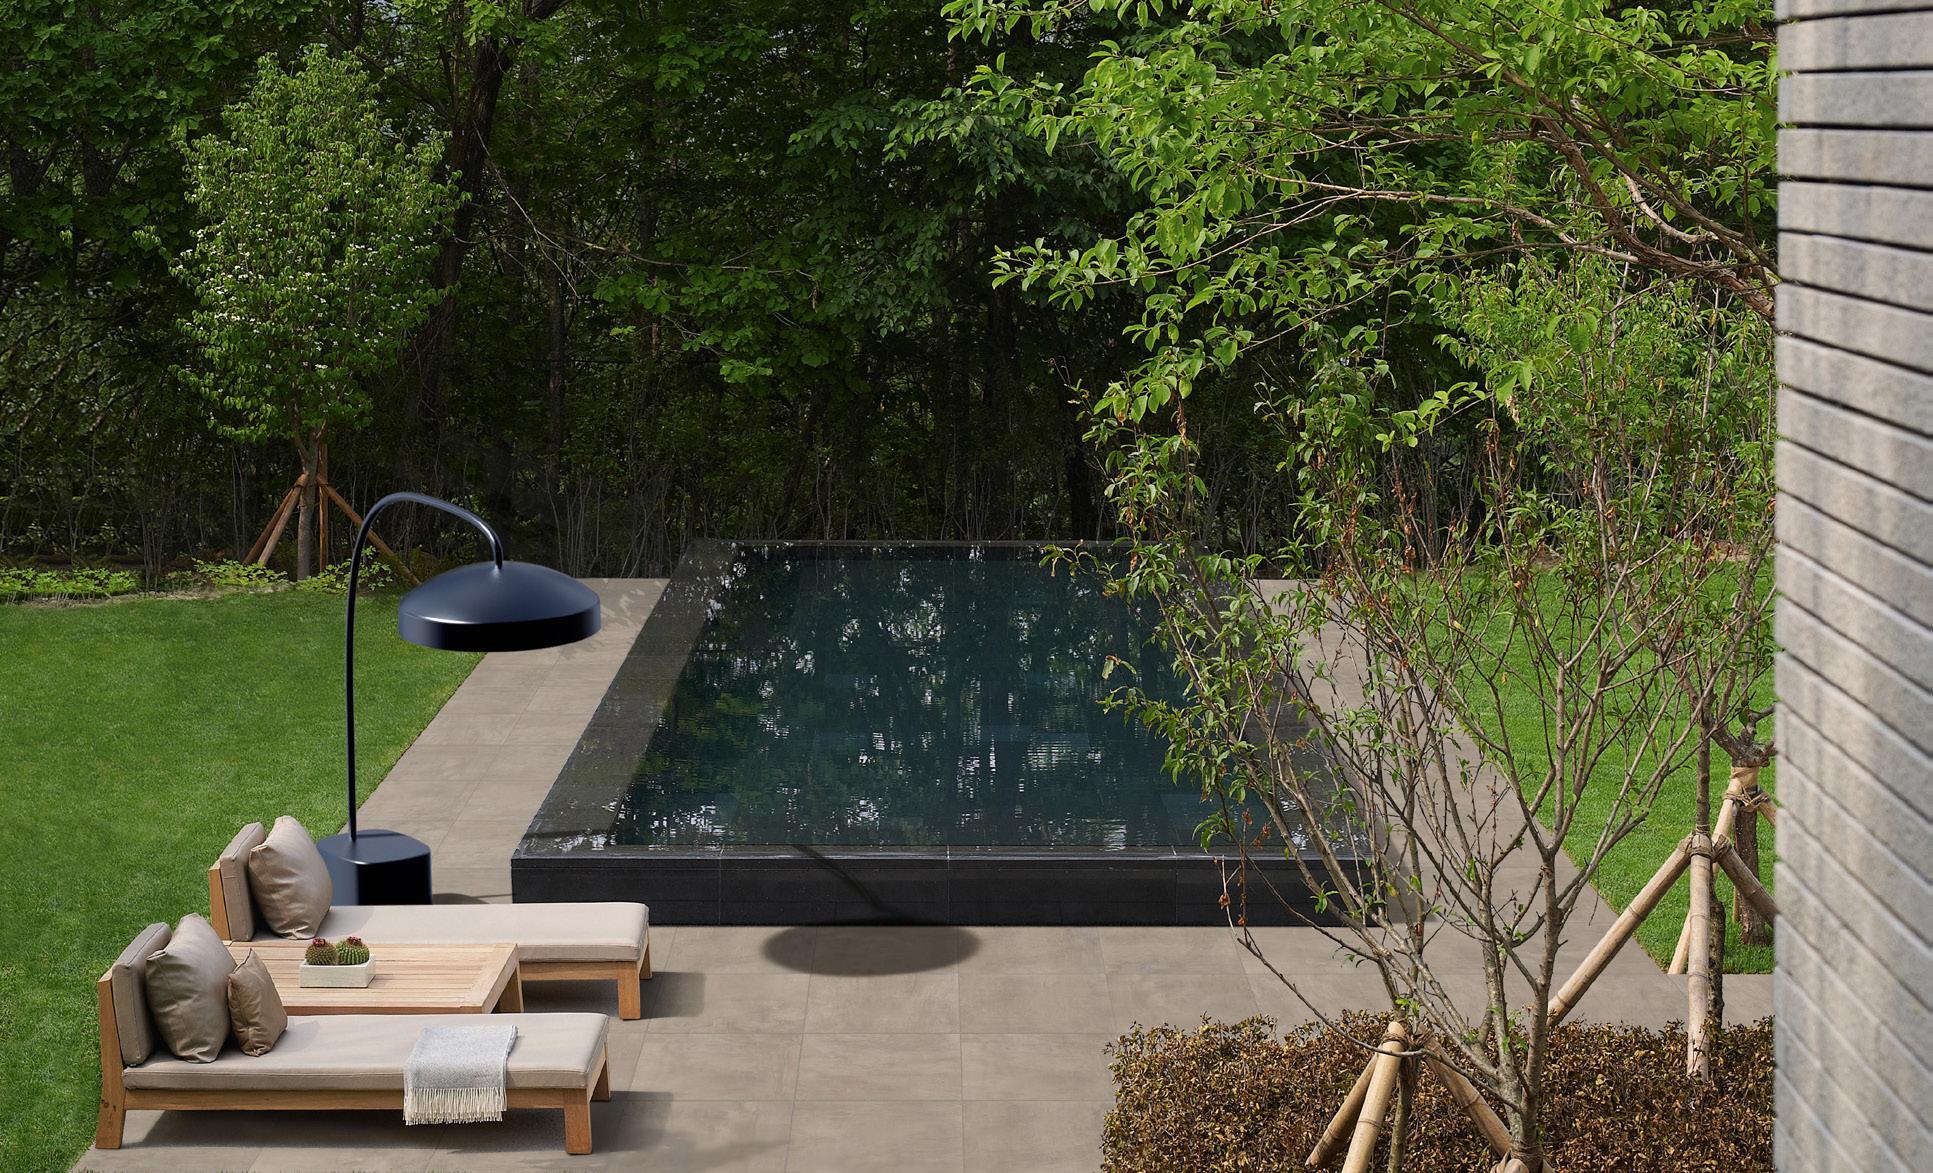 Page 10 of Outdoor living: duurzaam en warm